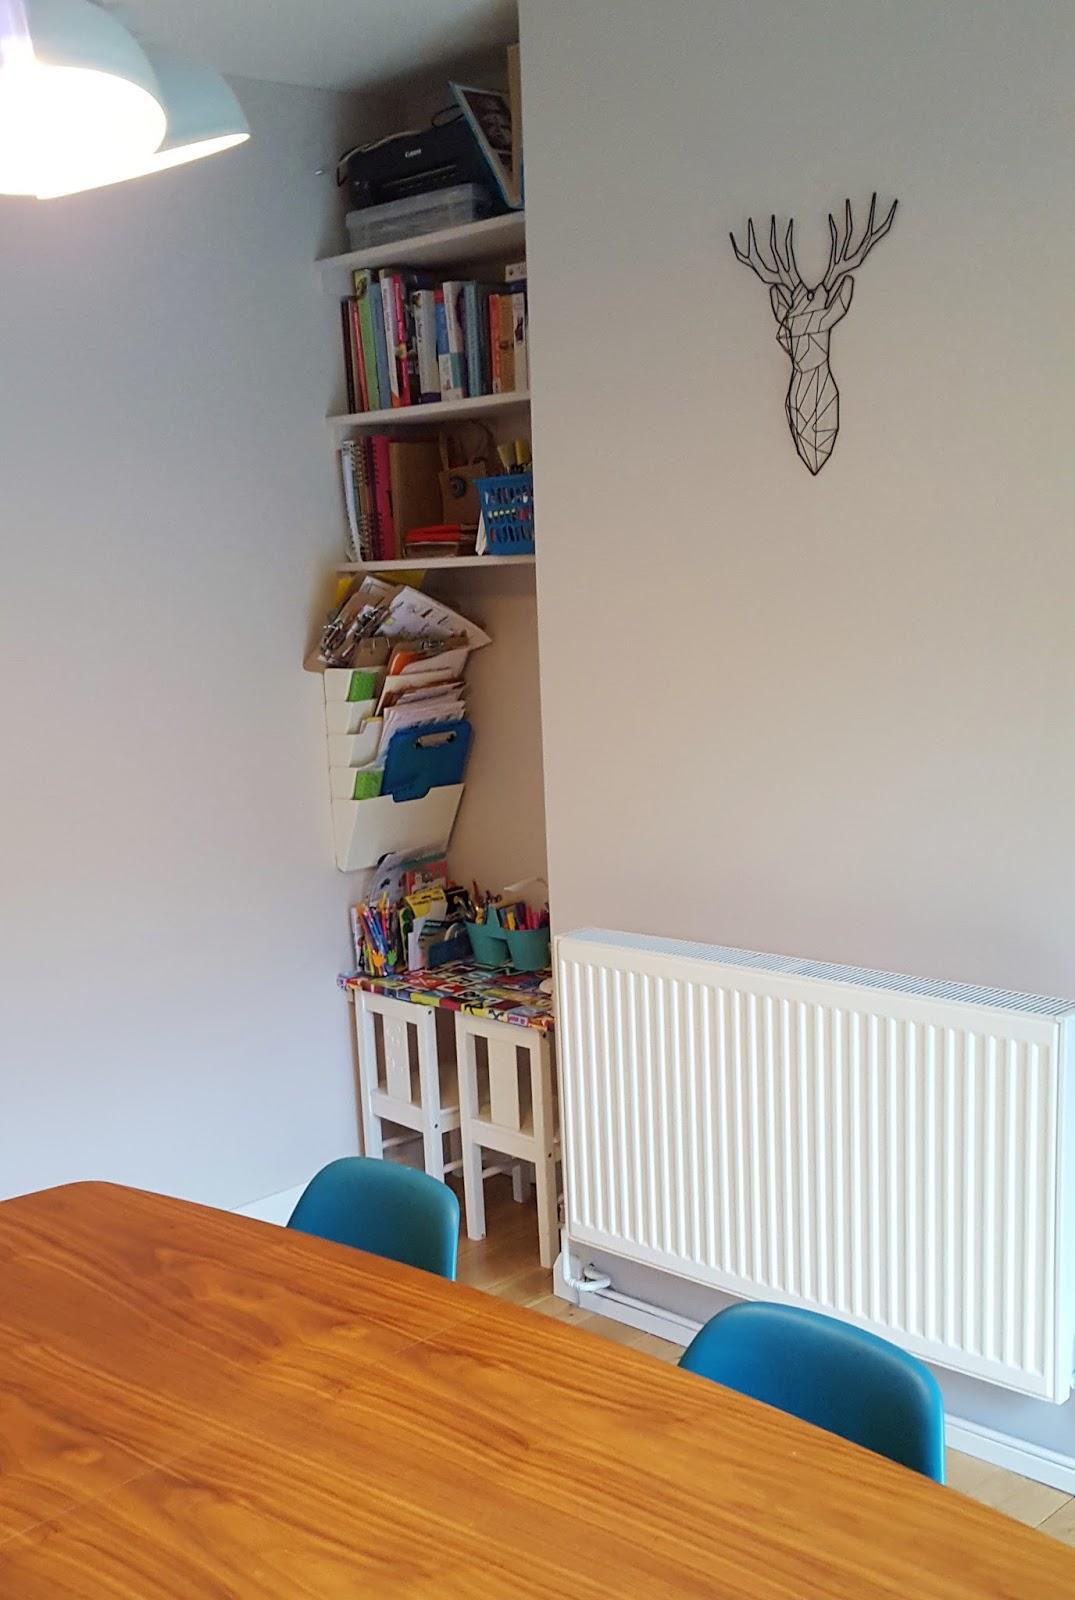 pele mele ikea idee de cuisine ikea on decoration d. Black Bedroom Furniture Sets. Home Design Ideas